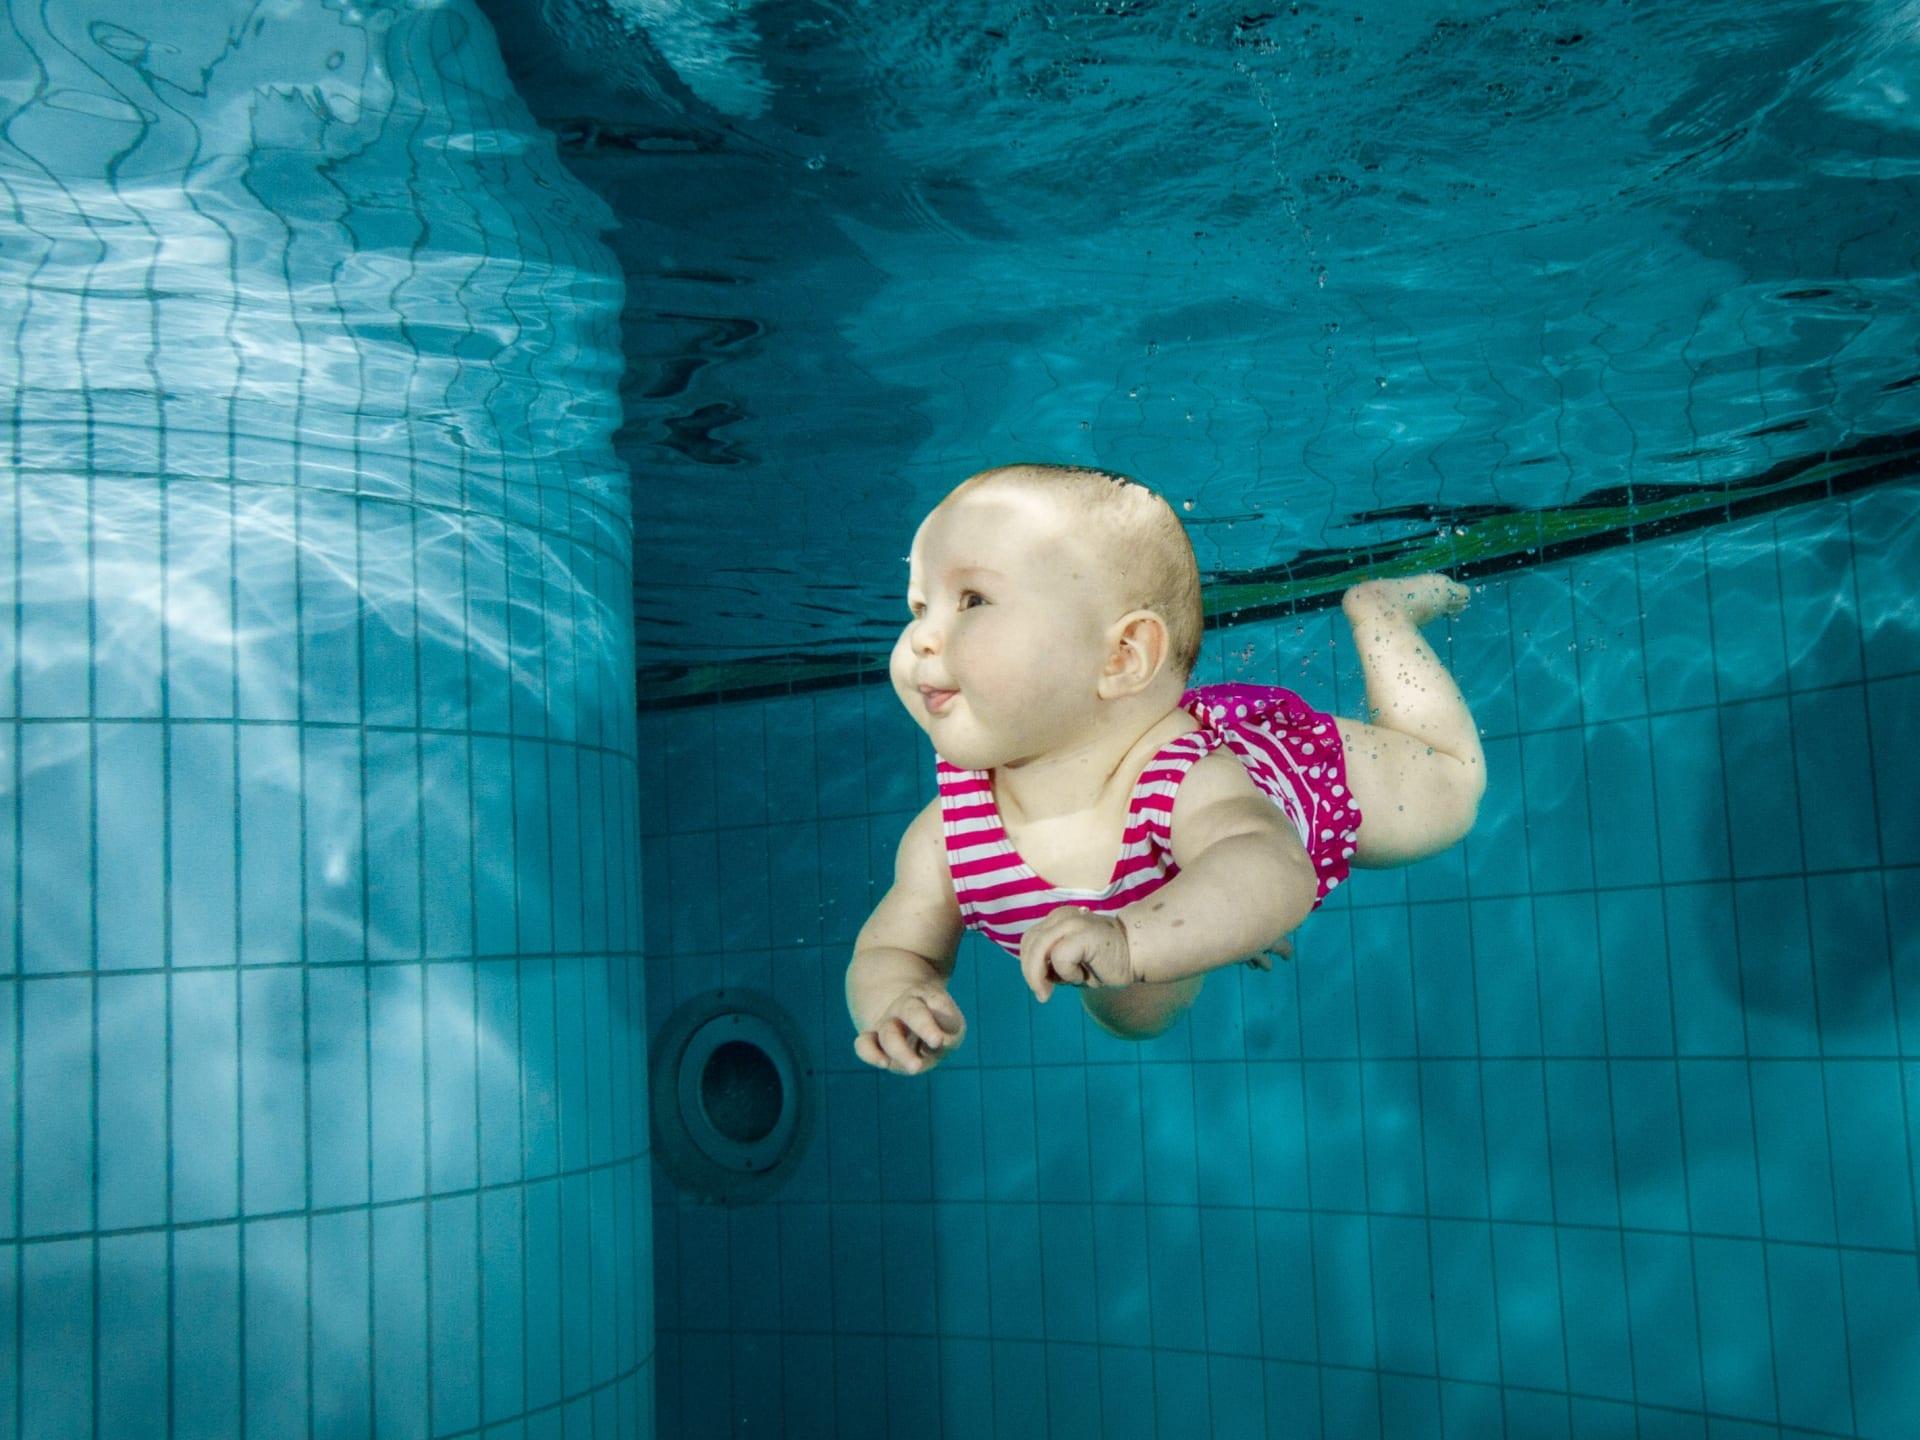 Kỹ năng sống cho bé – Bơi thủy liệu có hỗ trợ điều này không?